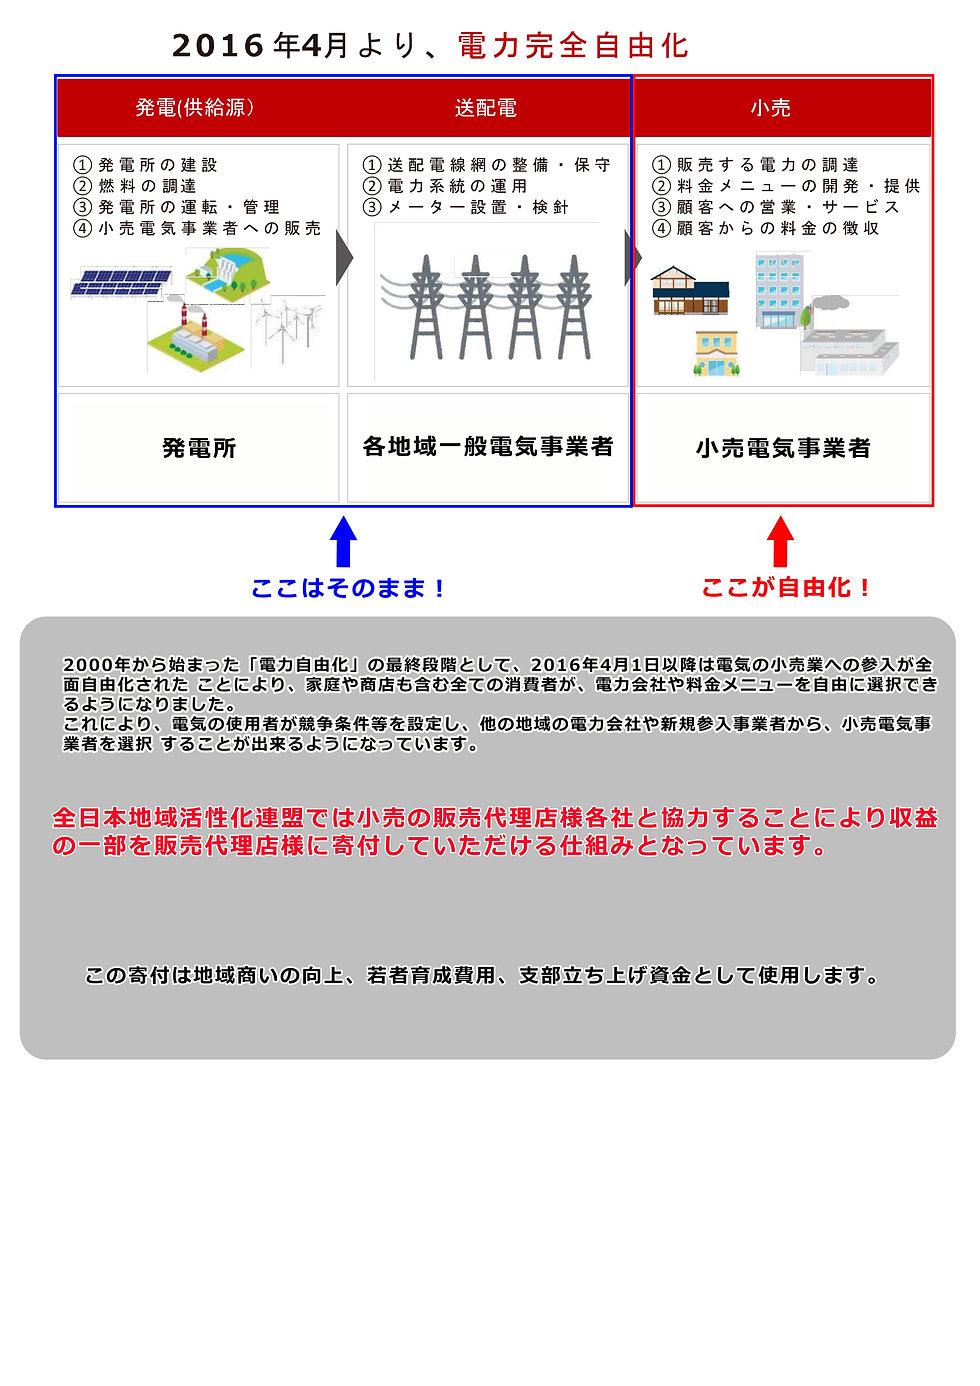 エネキフ説明文のコピー.jpg